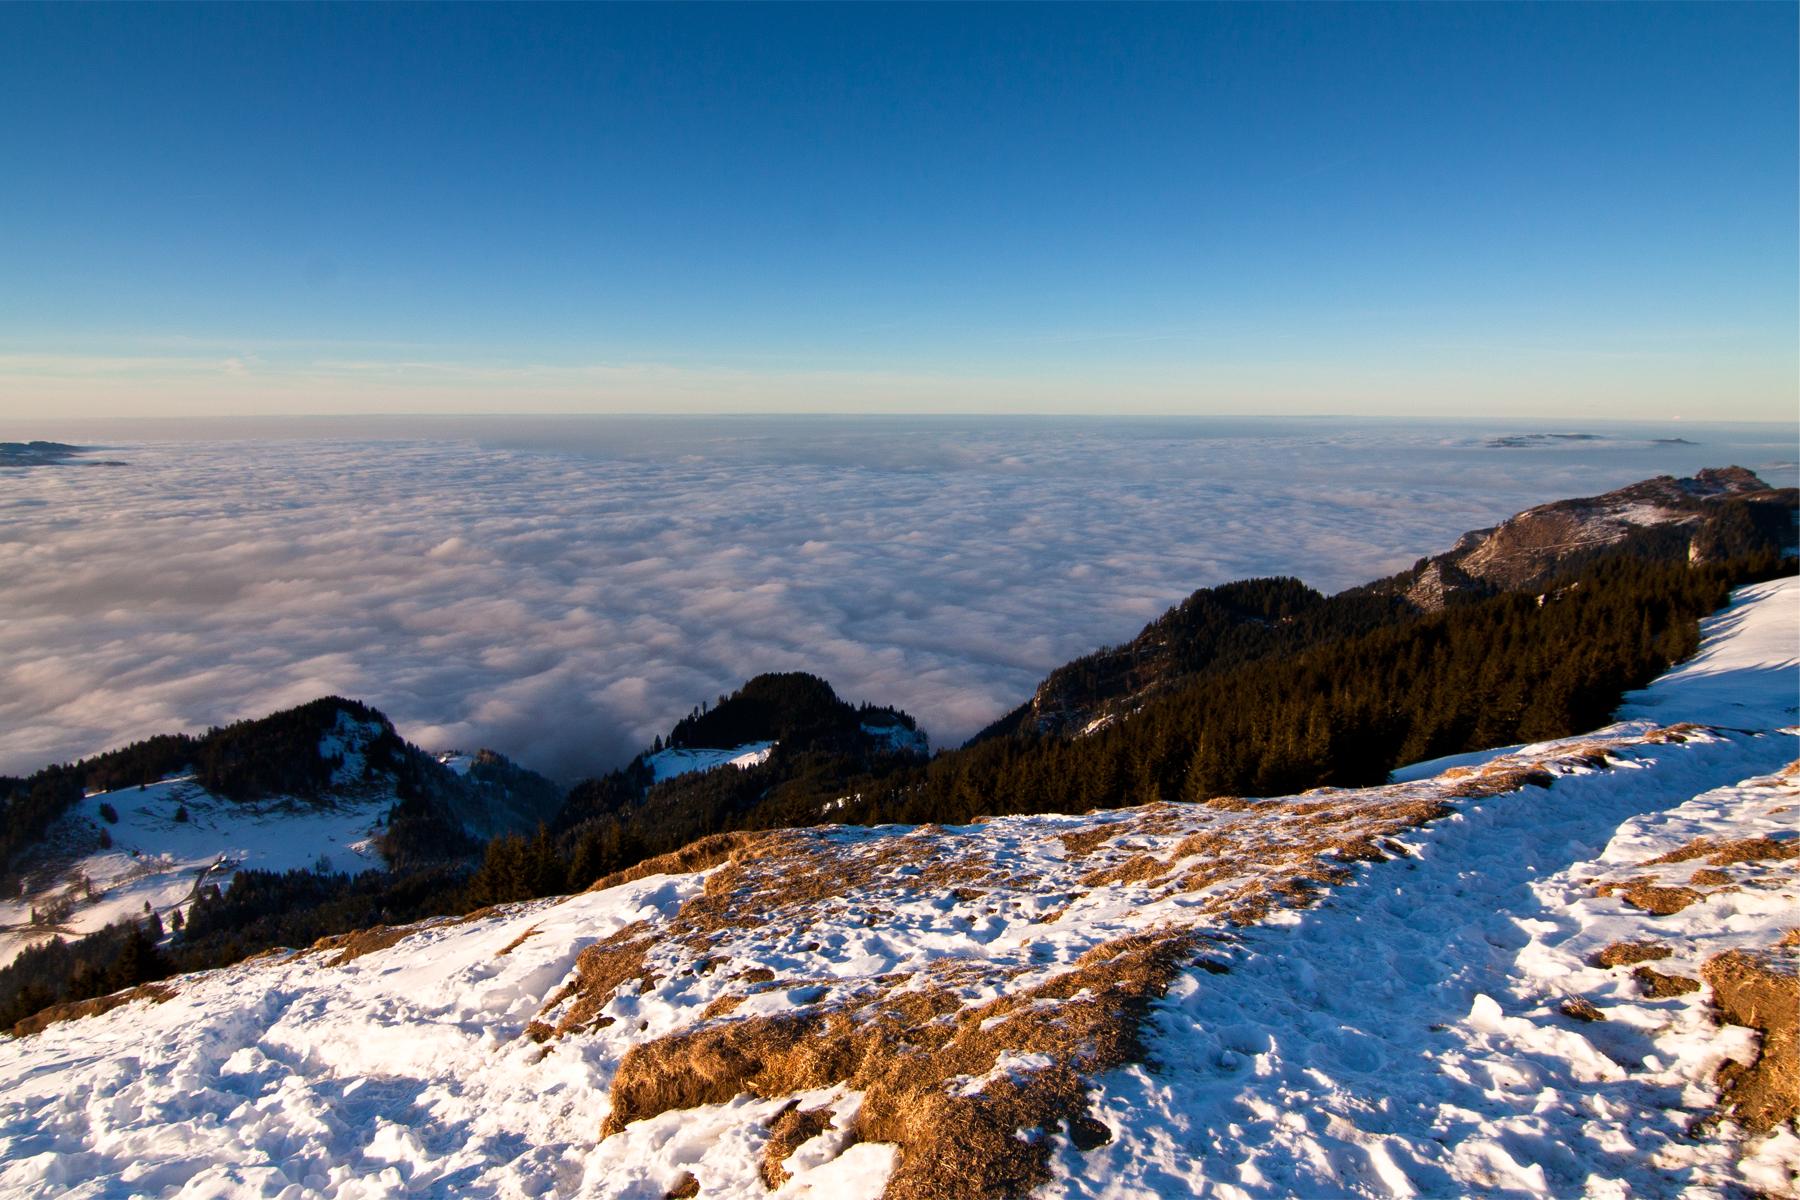 Nebelmeer statt Bodensee